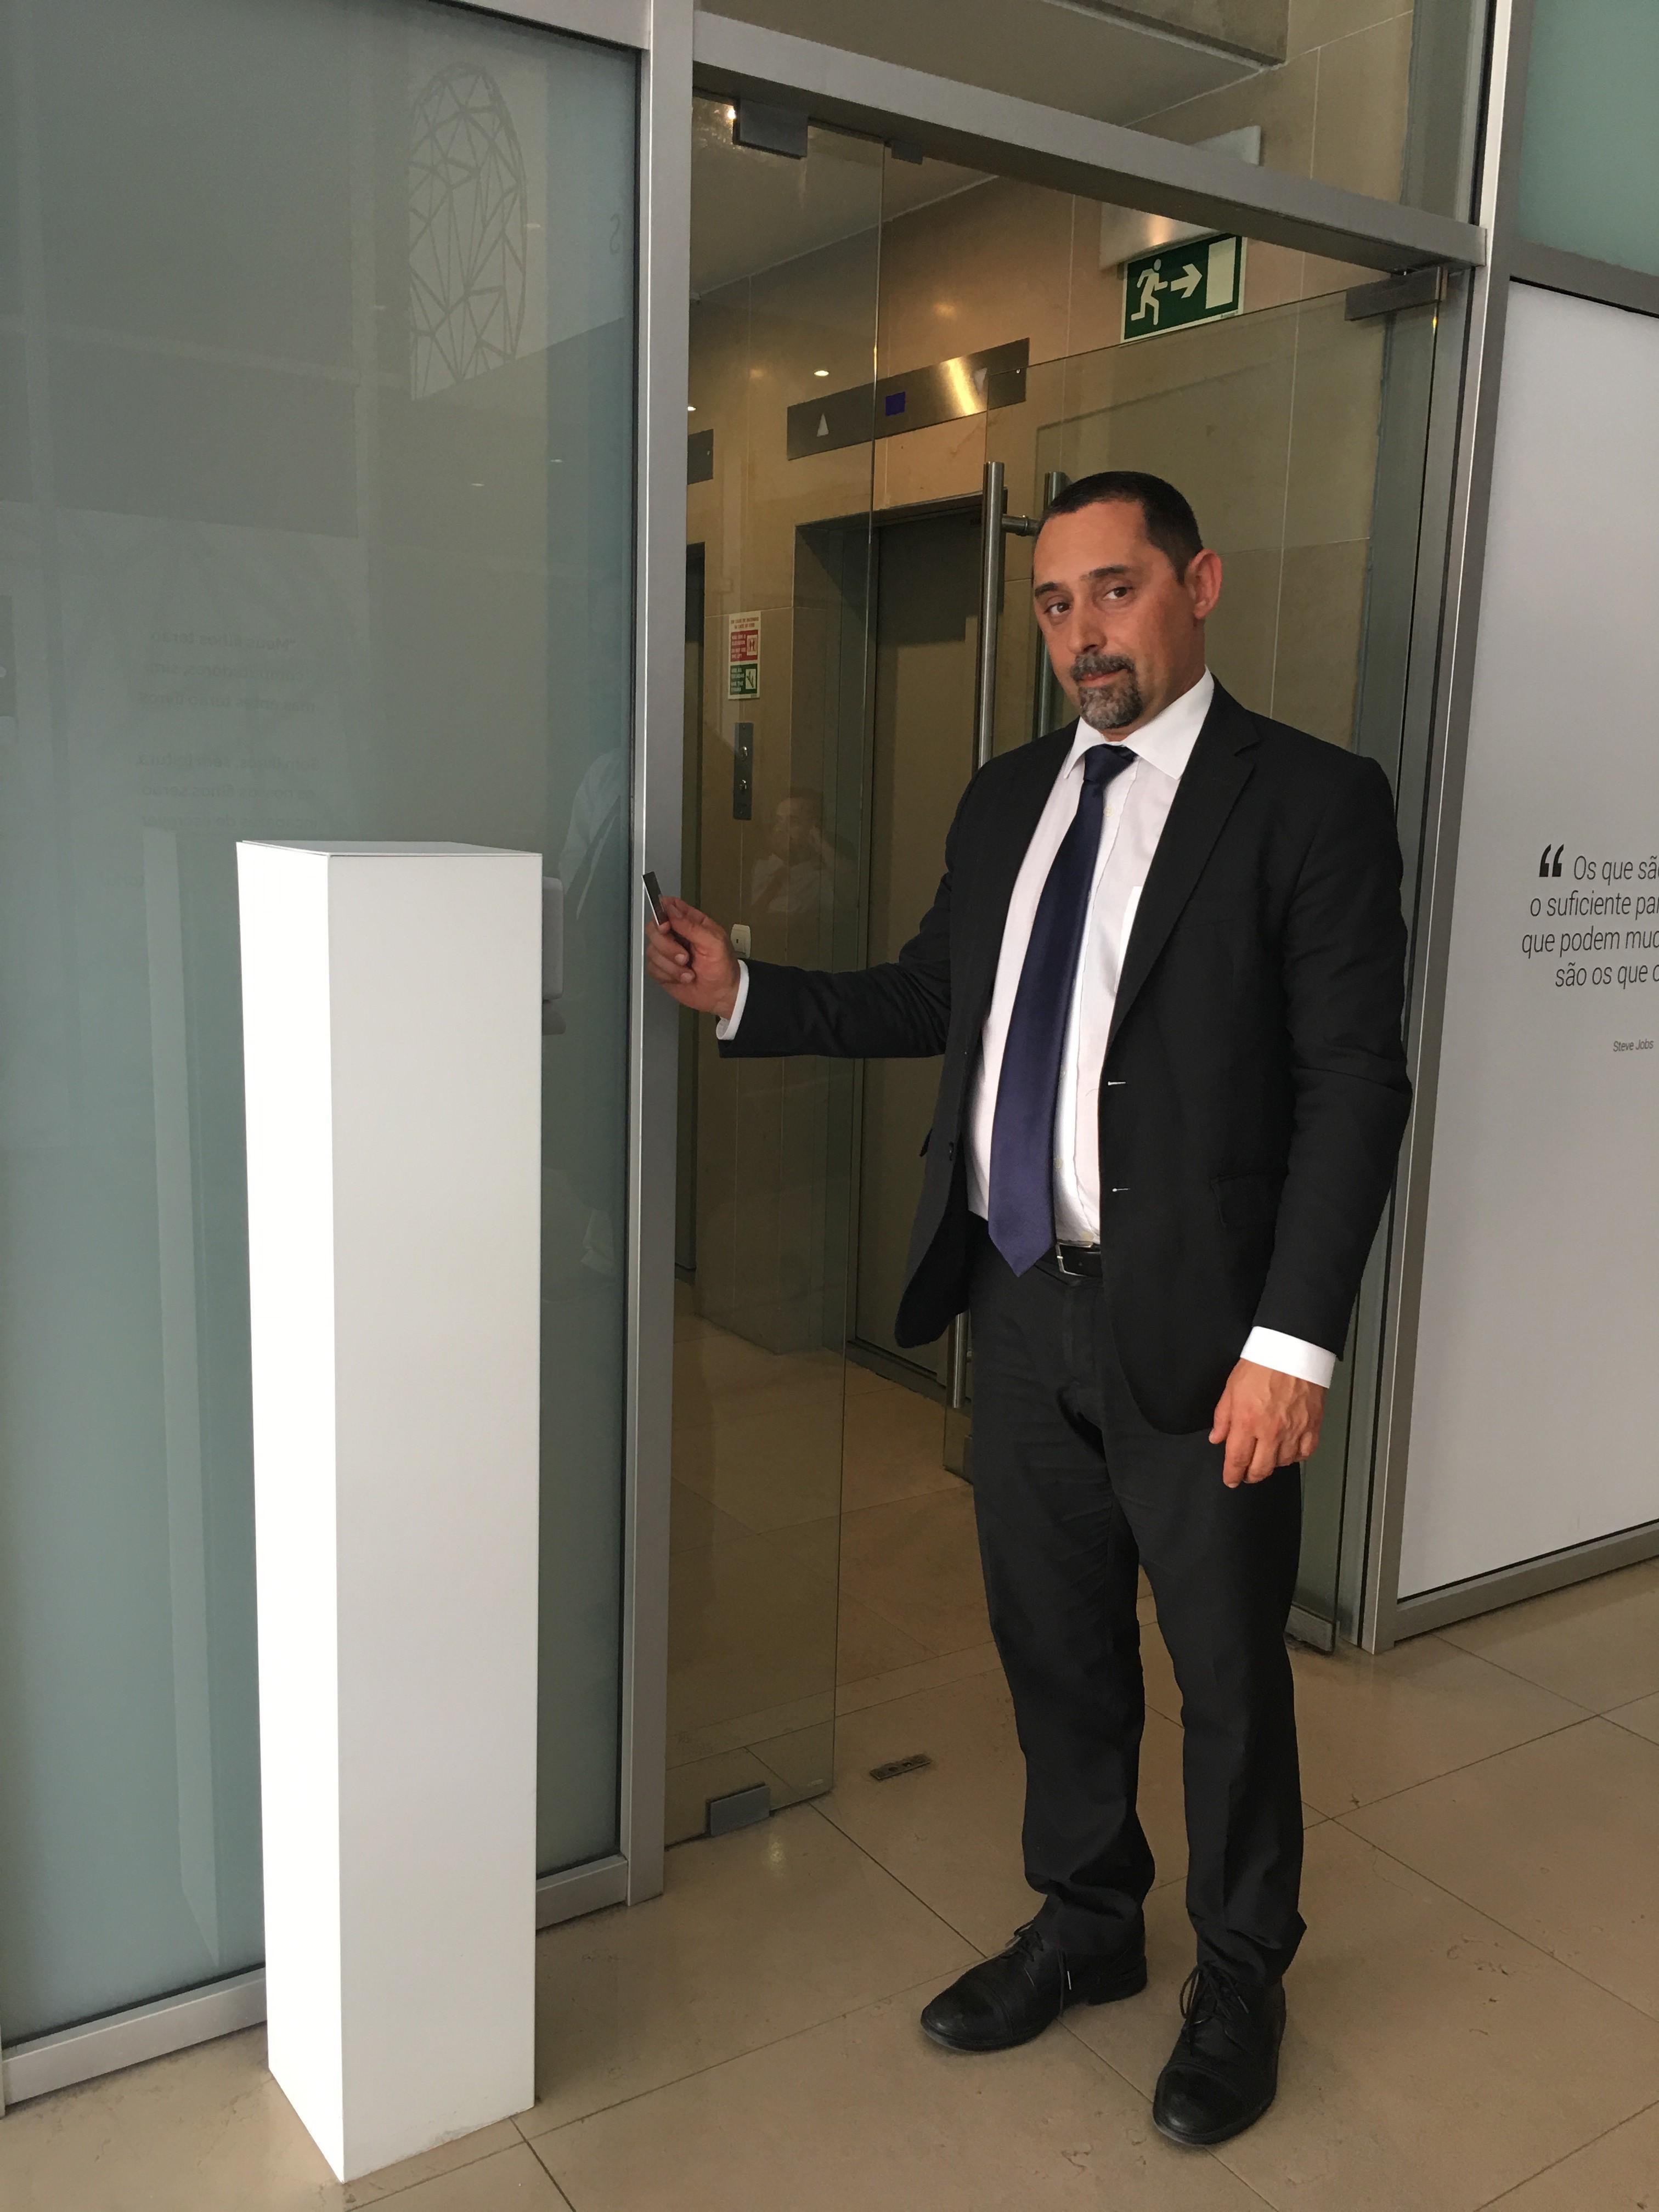 Paulo Pio, Coordenador da Direção de Recursos Humanos da SPMS, EPE